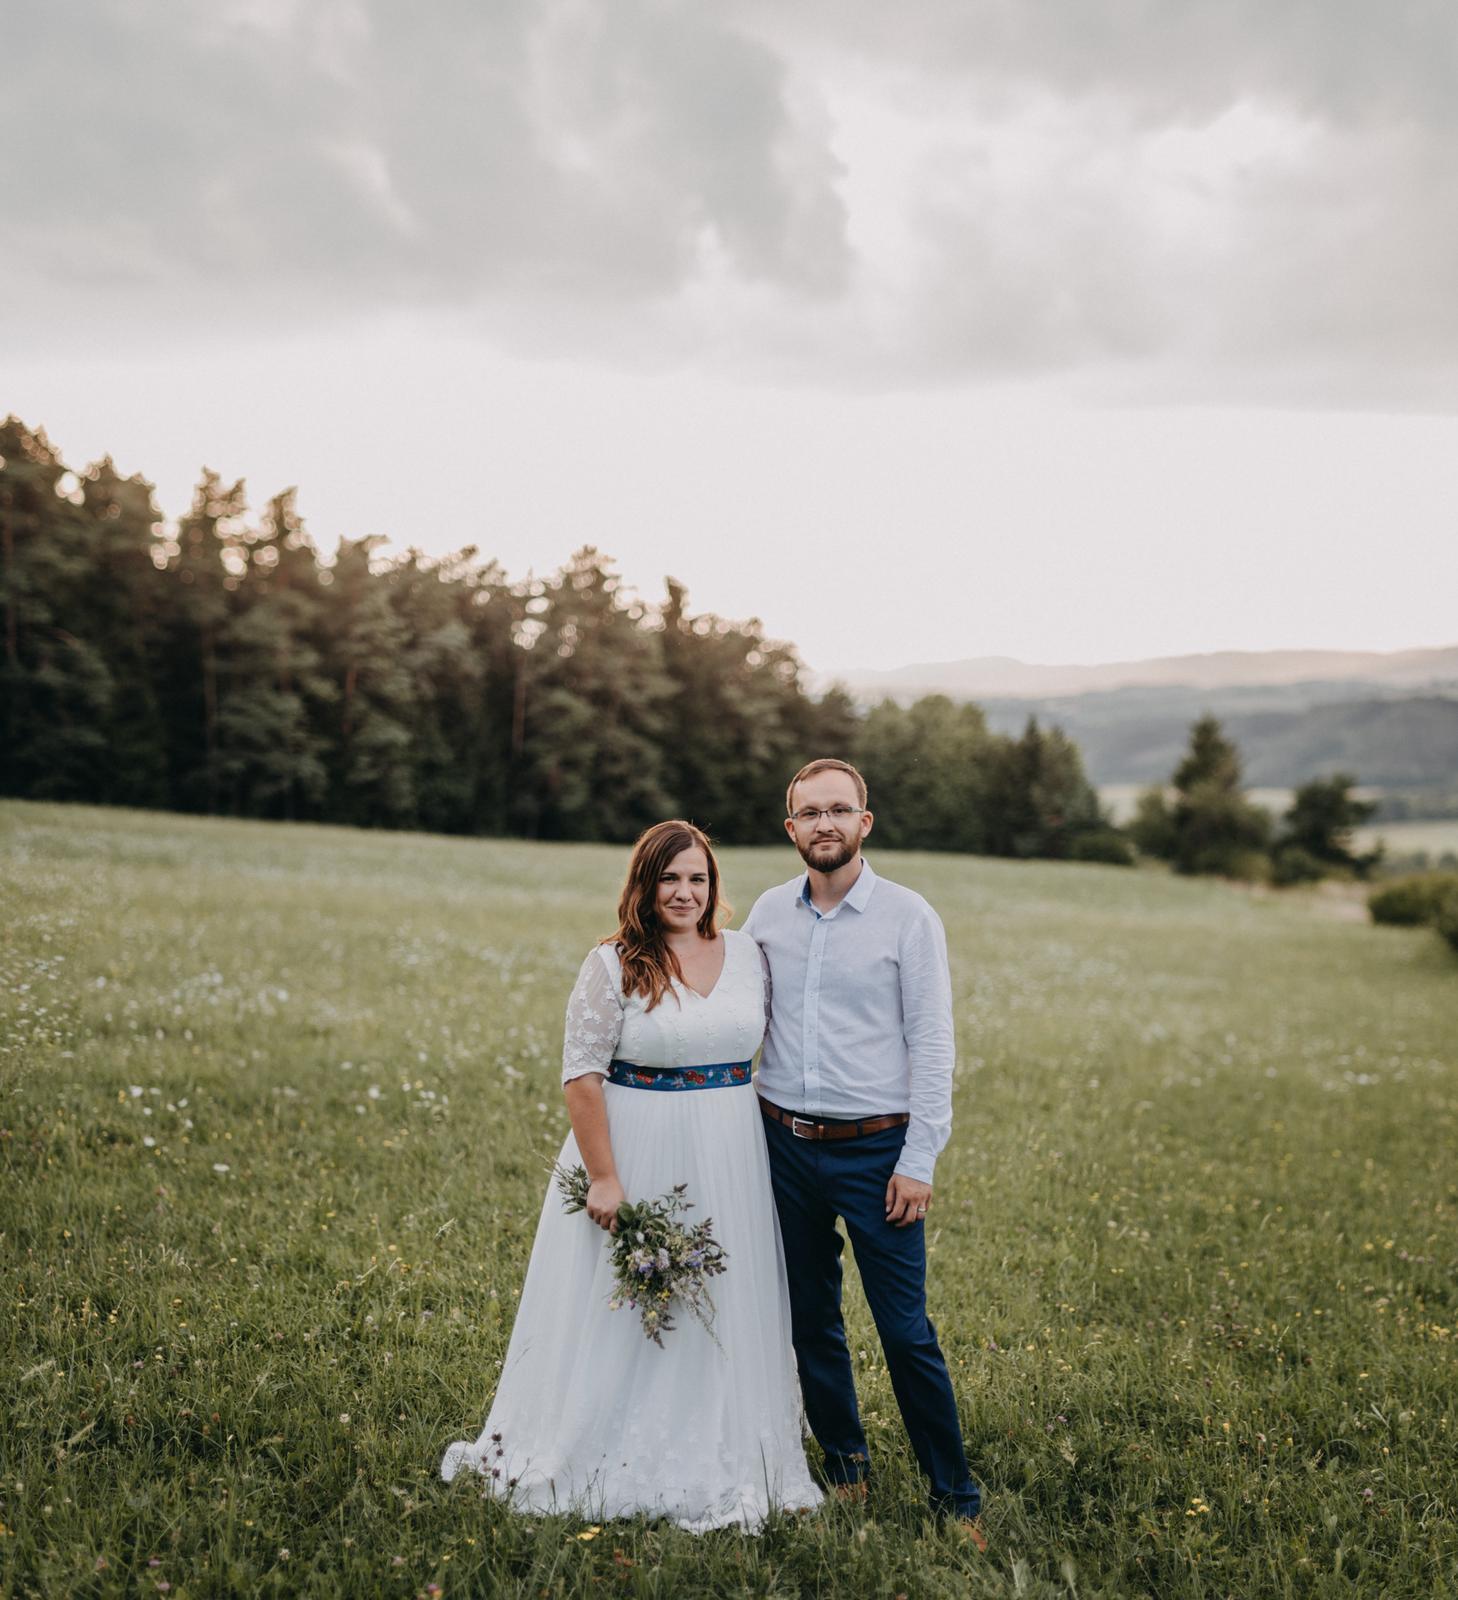 Malé svatby jsou skvělé,... - Obrázek č. 2